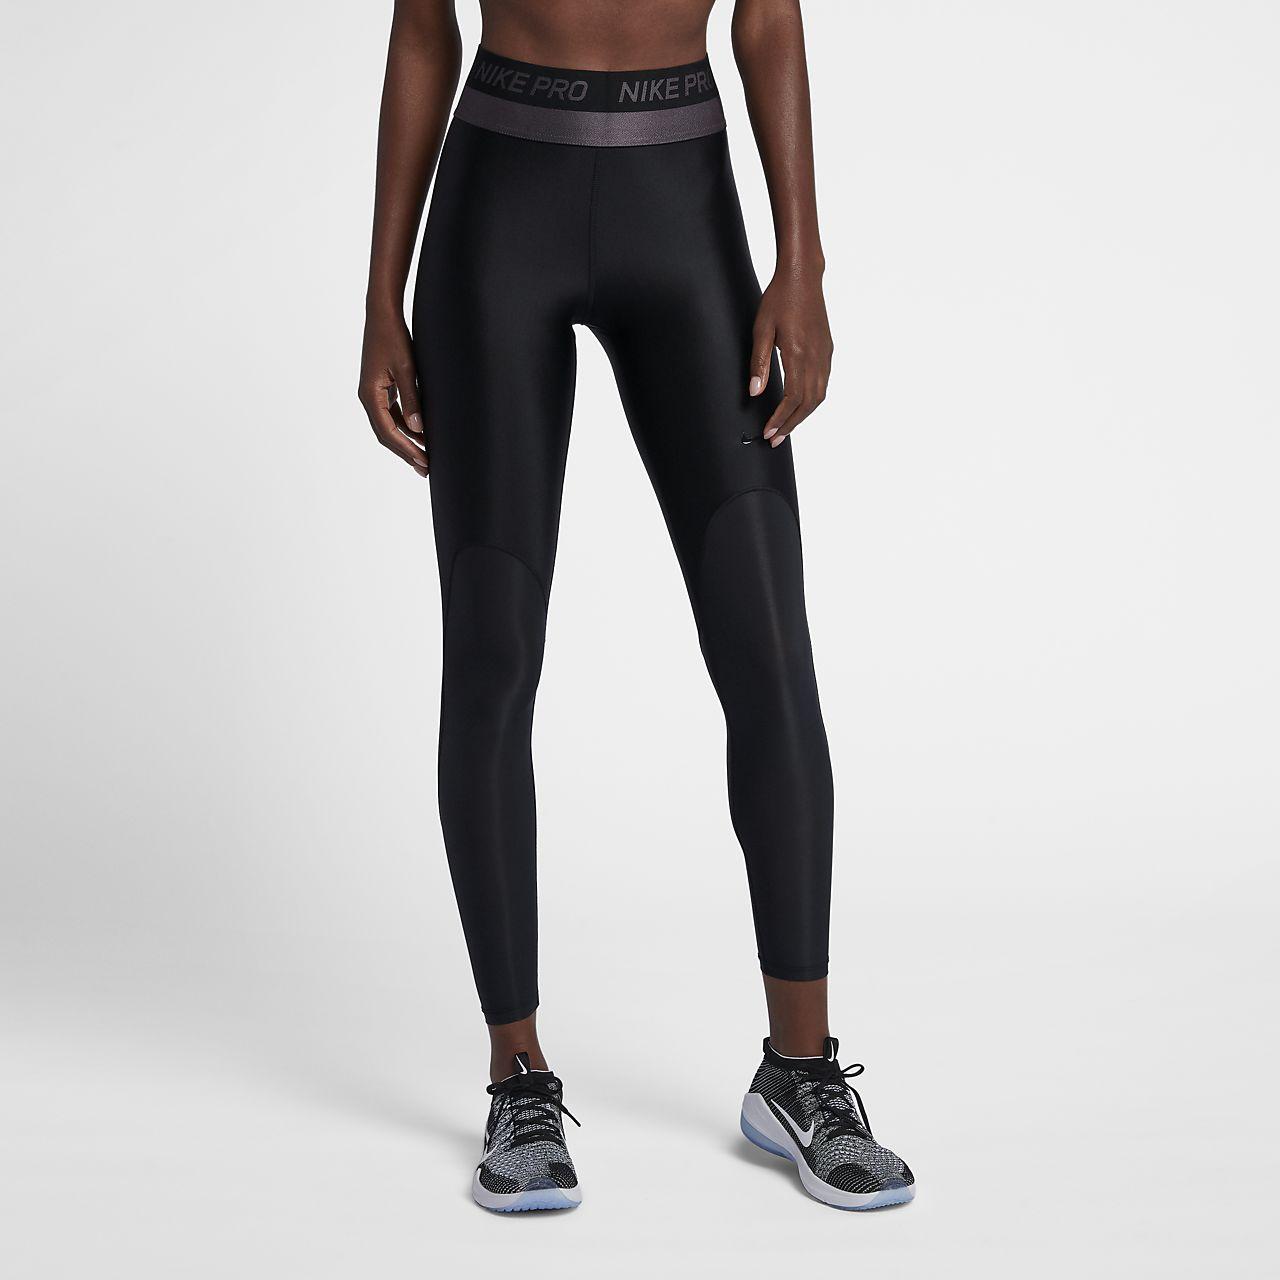 Nike Pro HyperCool középmagas derekú, testhezálló női edzőnadrág